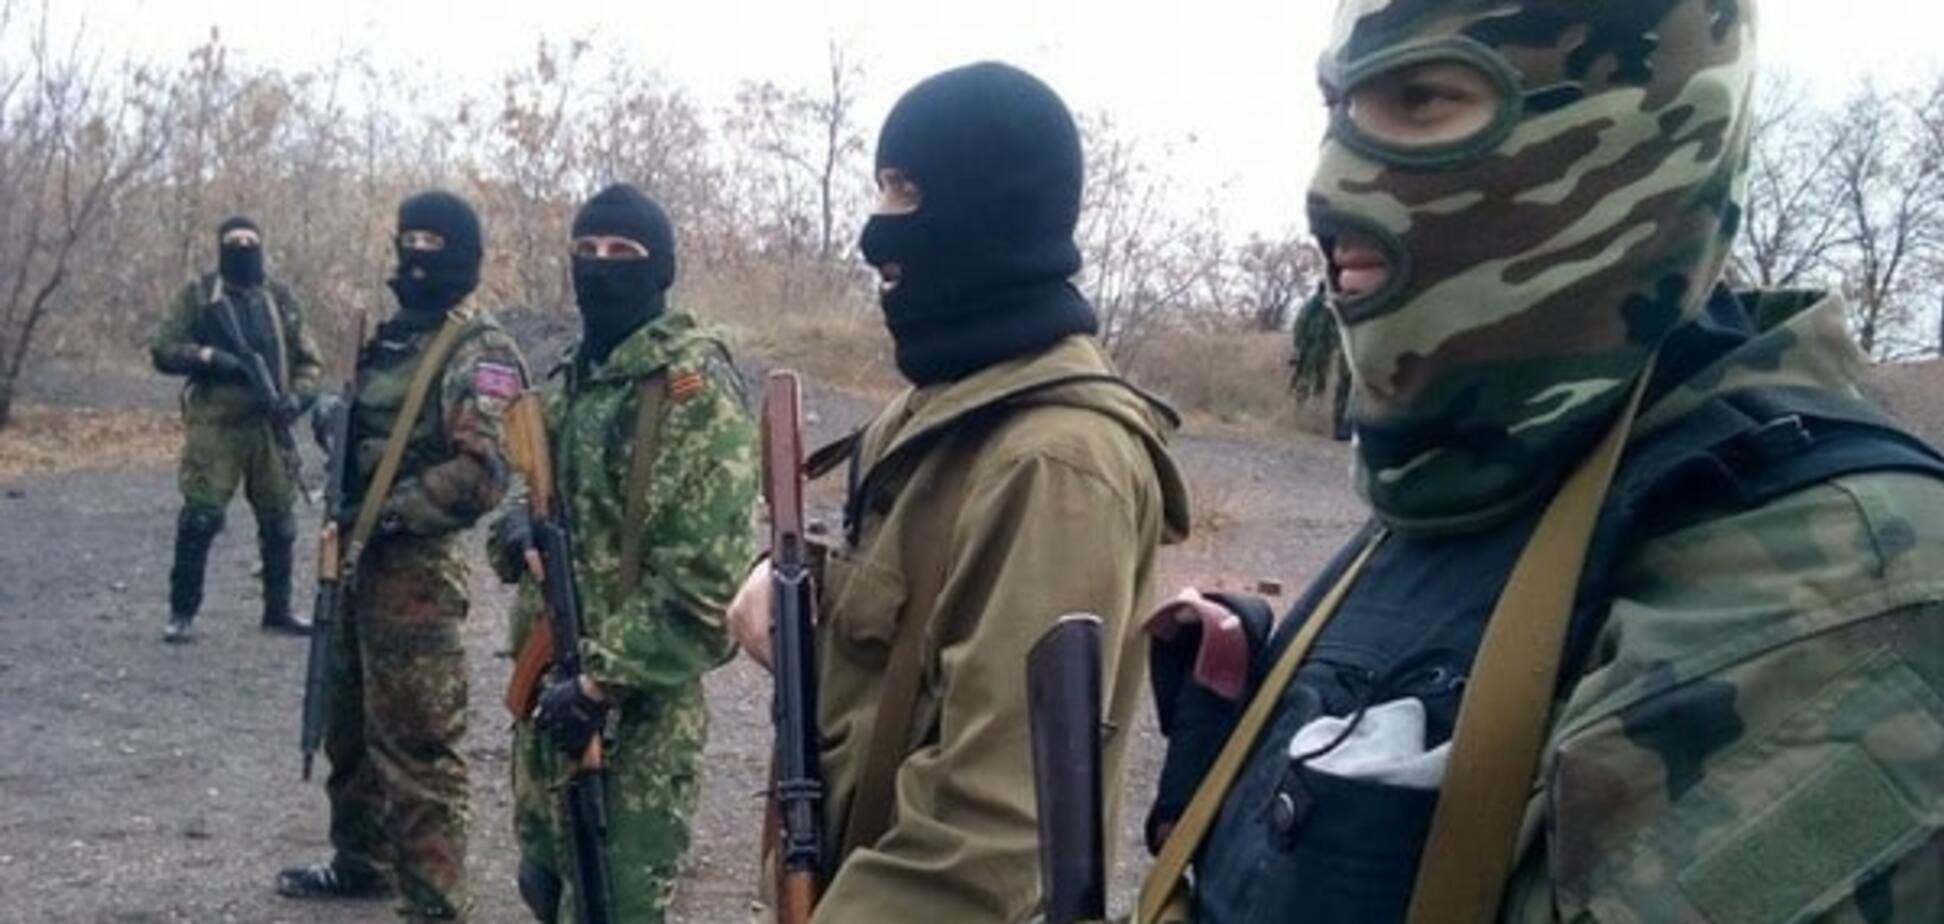 Потрібне м'ясо: Росія відбирає в 'Л/ДНР' чоловіків із бойовим досвідом для відправлення в Сирію